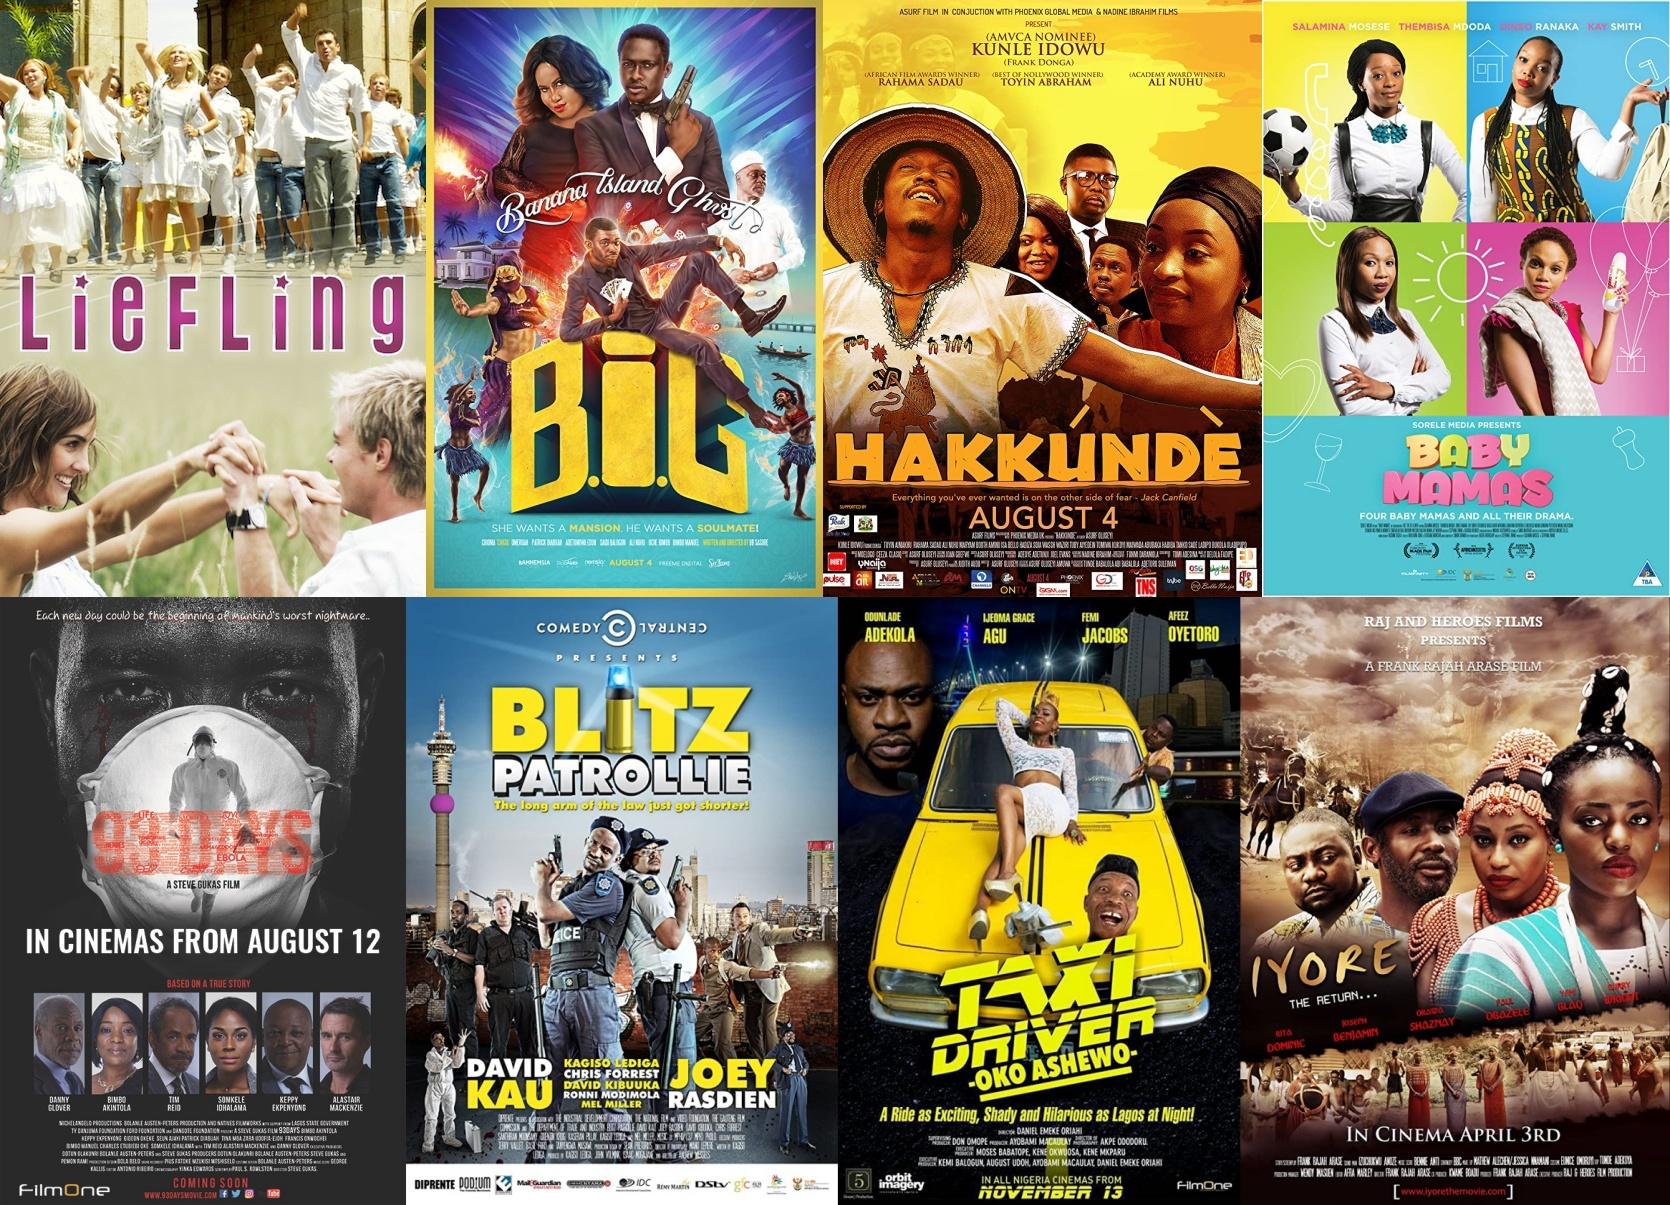 Netflixで言語設定を英語に変更すると視聴可能な映画(アフリカ映画編)